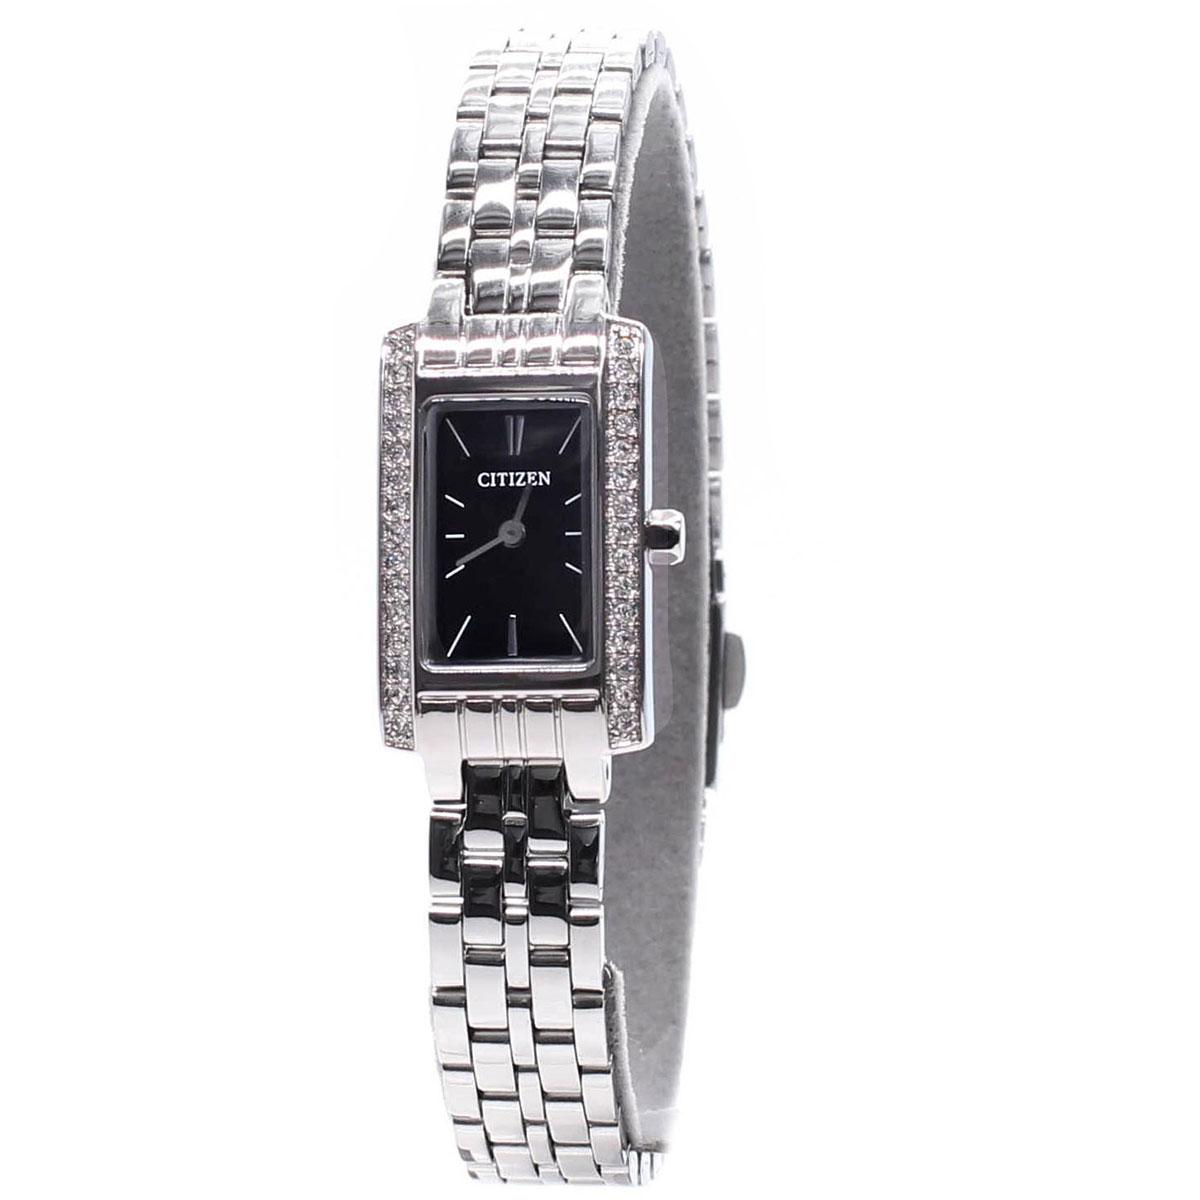 นาฬิกาผู้หญิง Citizen รุ่น EZ6350-53E, Dress QUARTZ Analog Silver Watch